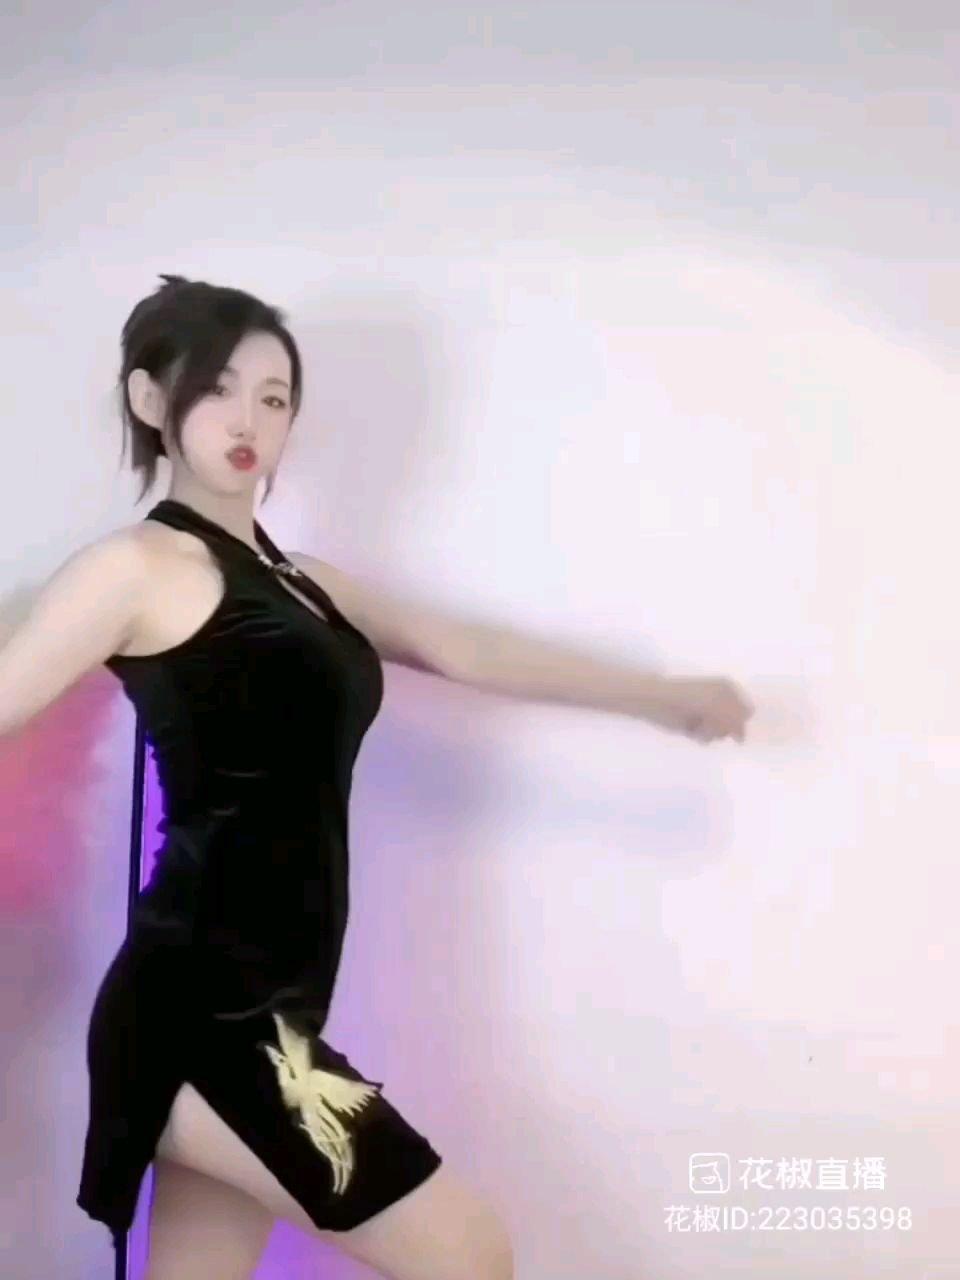 #2021巅峰之战 #花椒星闻  我们舞蹈频道的@艾米ya?。 小姐姐第一次参加巅峰之战舞王赛,她可爱又大方,她迷人又性感,她的舞蹈百变多样,她的舞姿让小哥哥们深深的记住了她的才艺,她的直播风格丰富而又有趣,各种服装我们的@艾米ya?。 小姐姐都能驾驭,她的优点很多,她的特点更多,至于缺点吗?只有她直播间的小哥哥们知道哦!@花椒热点   我们的@艾米ya?。 小姐姐正在开播打榜舞王赛道,她家的哥哥们在全力的支持她,守护着她。@艾米ya?。 小姐姐已经排在了10多名的位置上,她的心情非常的喜悦,她在动态里拍